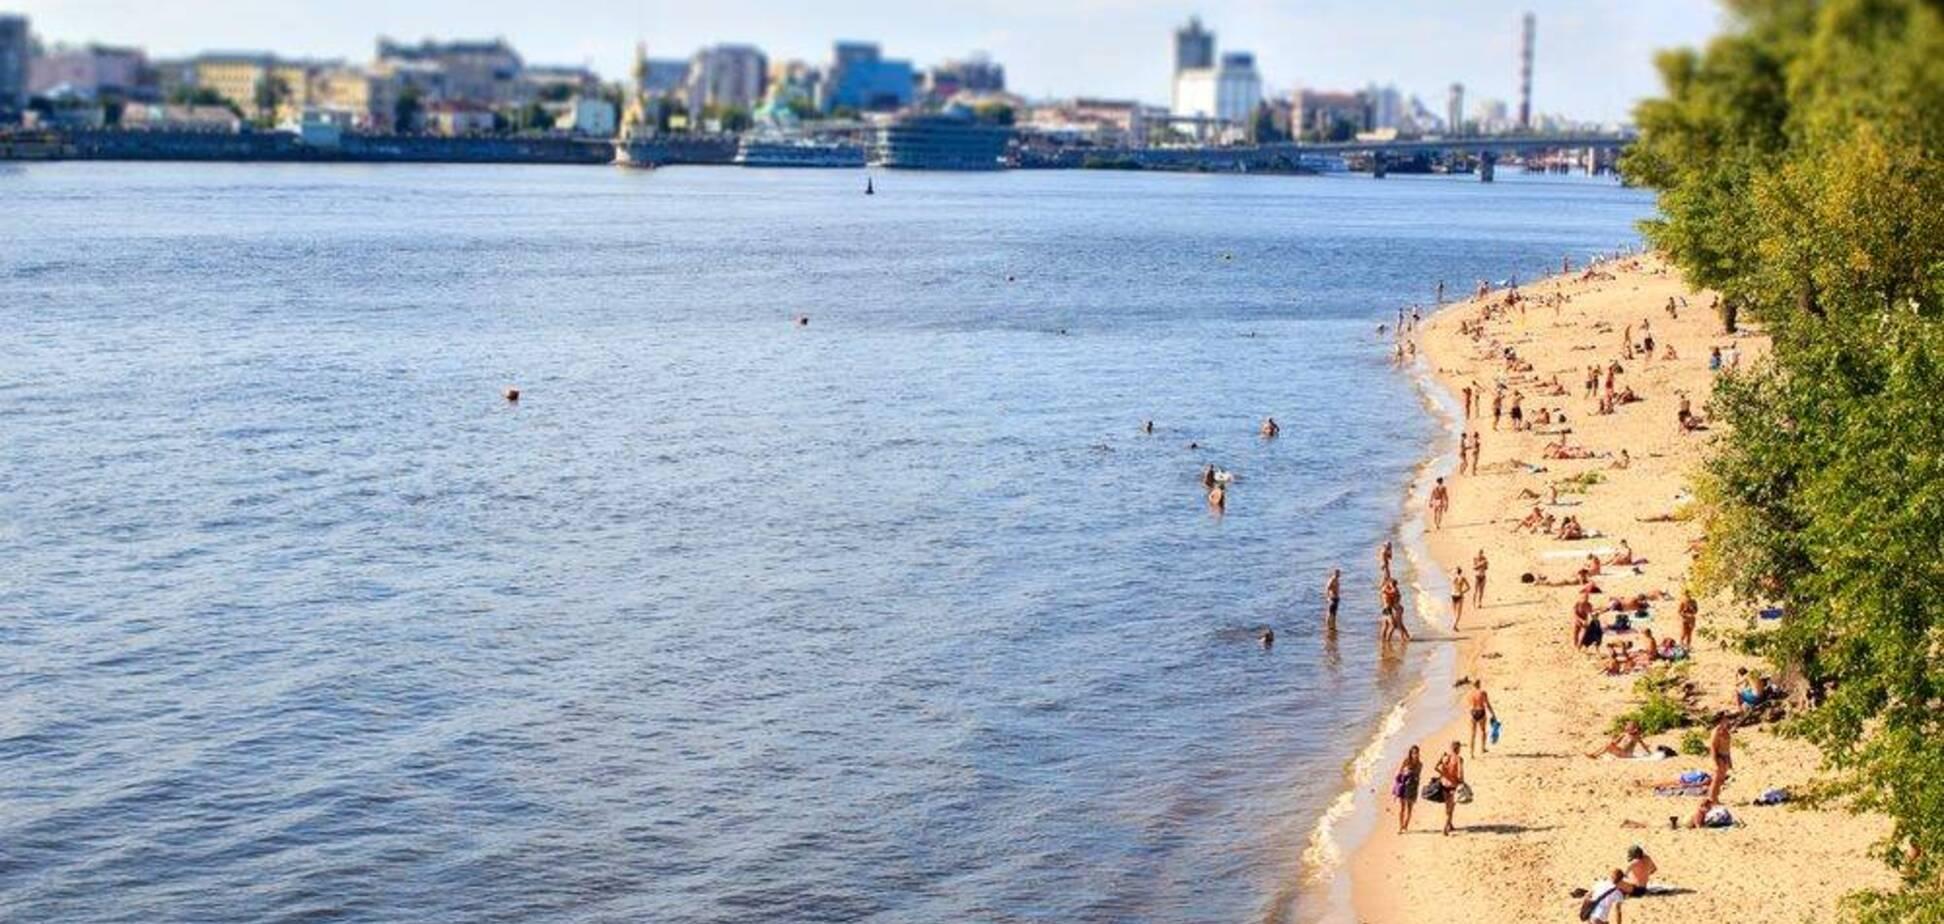 Результаты исследований показали, что водоемы Киева не соответствуют требованиям